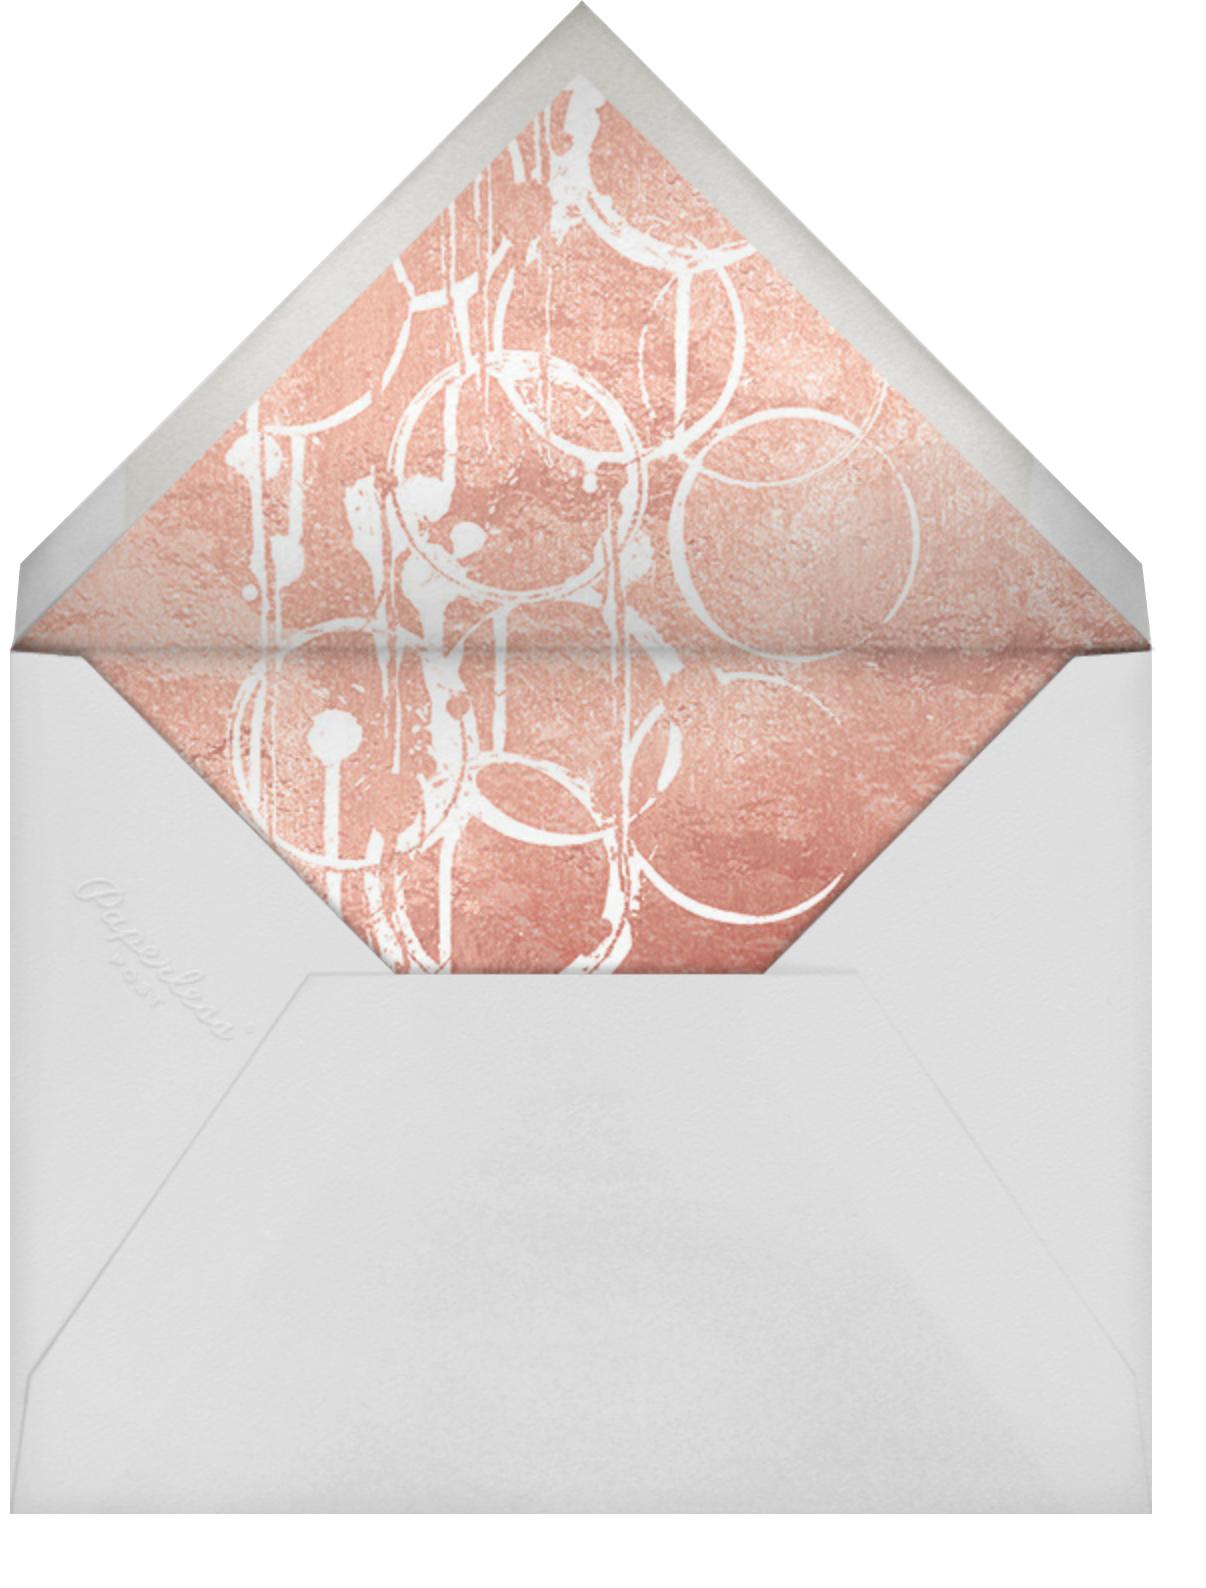 Bottle Shock - Rose Gold - Kelly Wearstler - Graduation party - envelope back